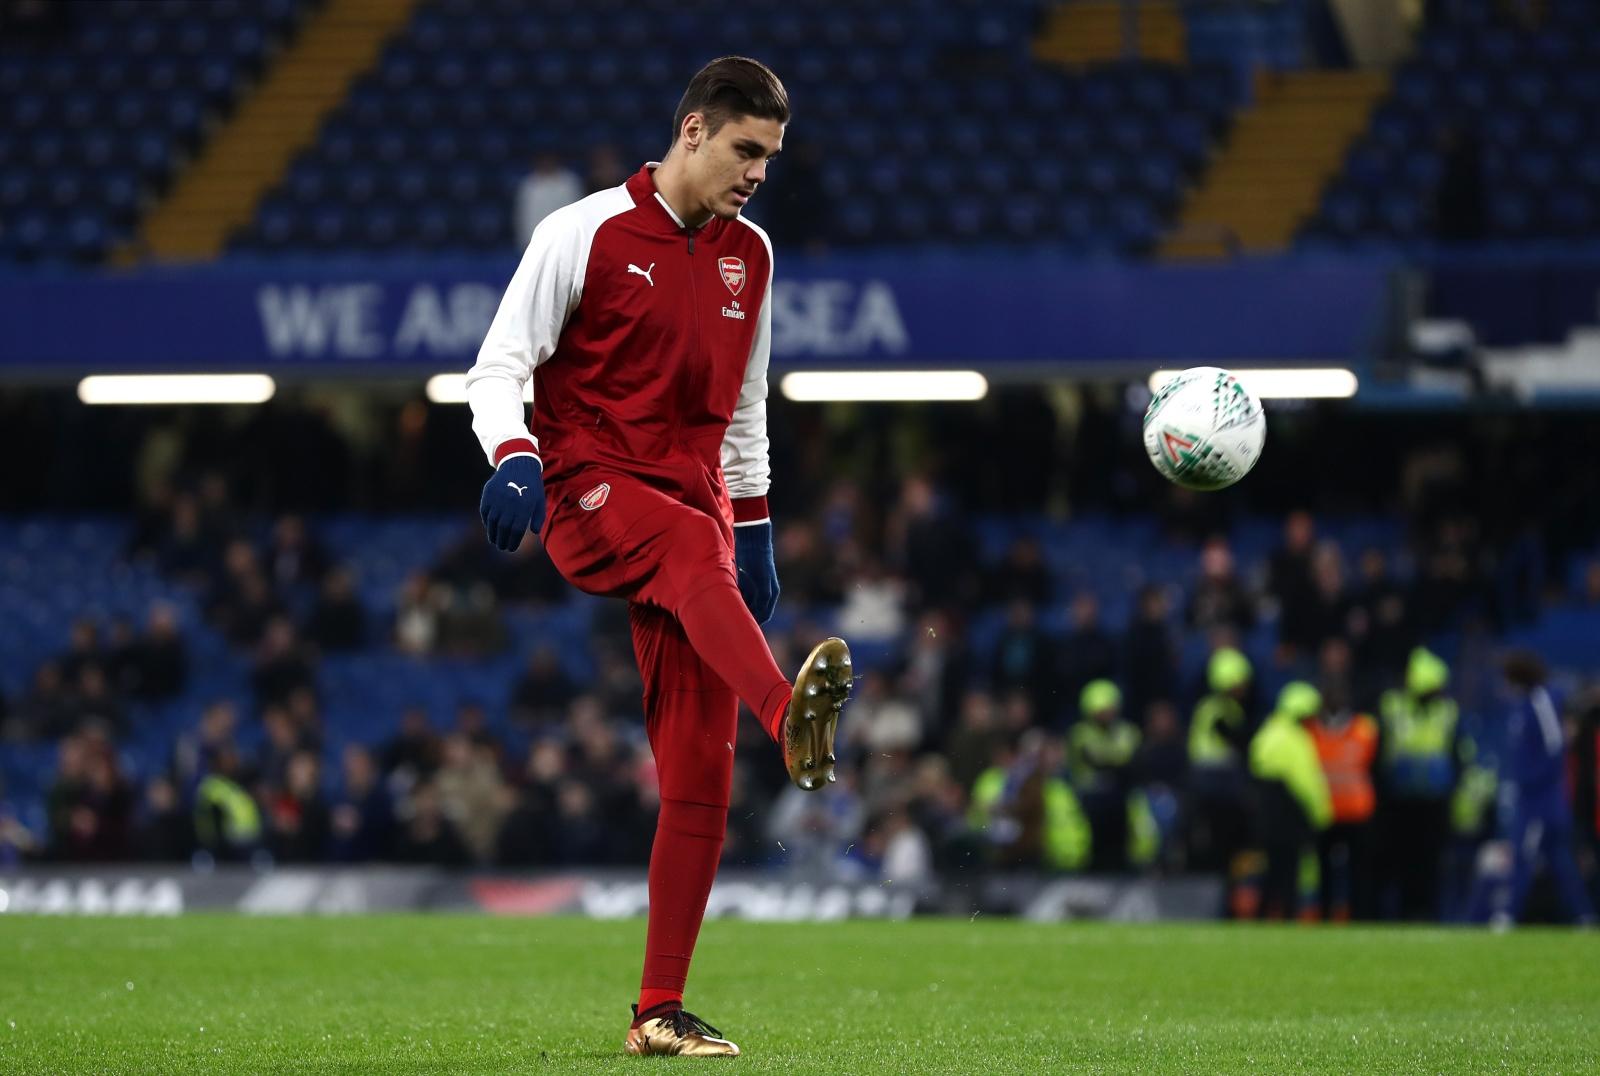 Wenger confirms U-turn over Arsenal defender Mavropanos